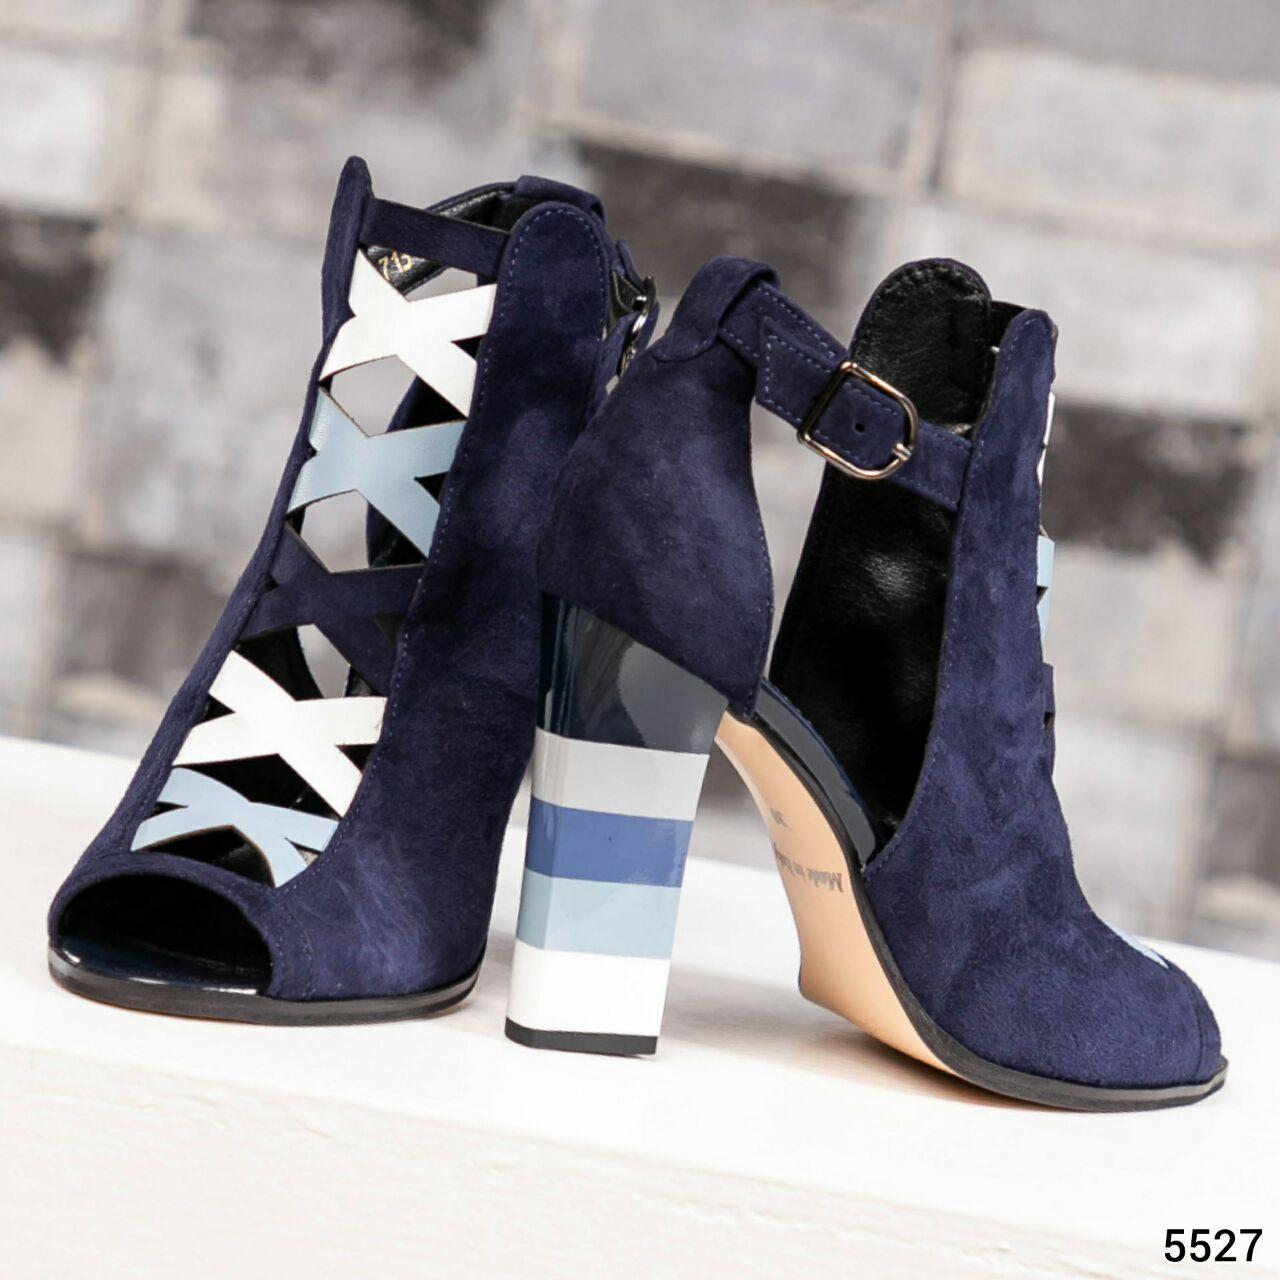 Закрытые синие замшевые босоножки с цветным каблуком женские